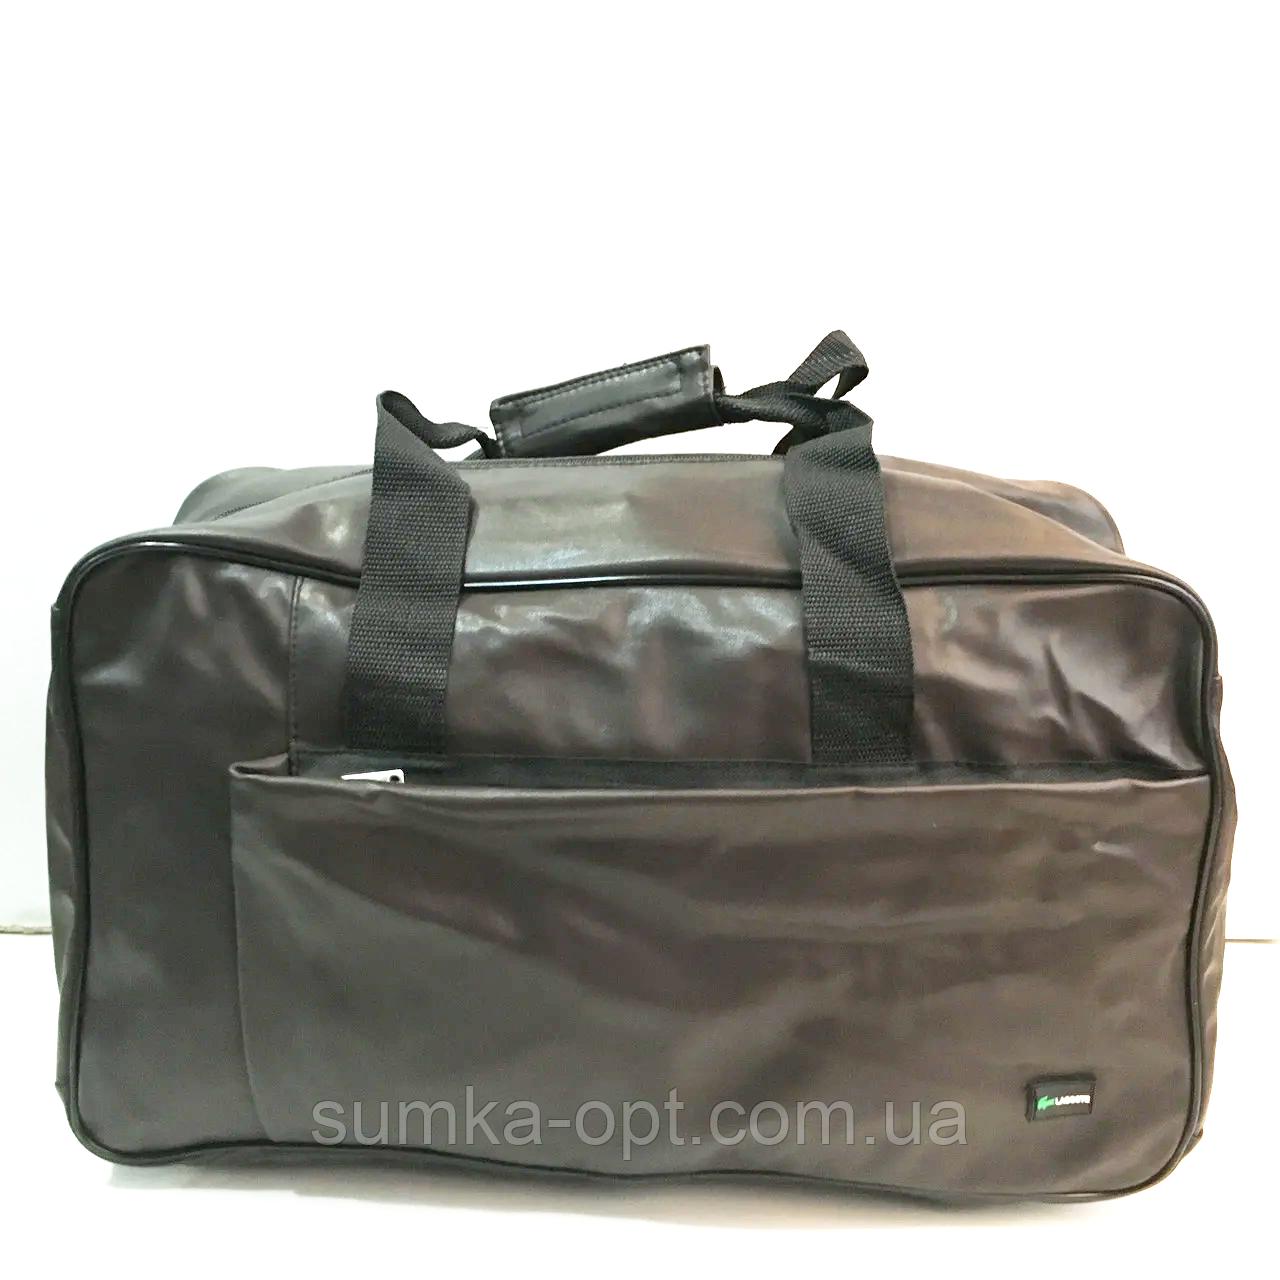 Спортивные сумки из искусственной кожи (КАШТАН НАКАТКИ) 20*28*46см